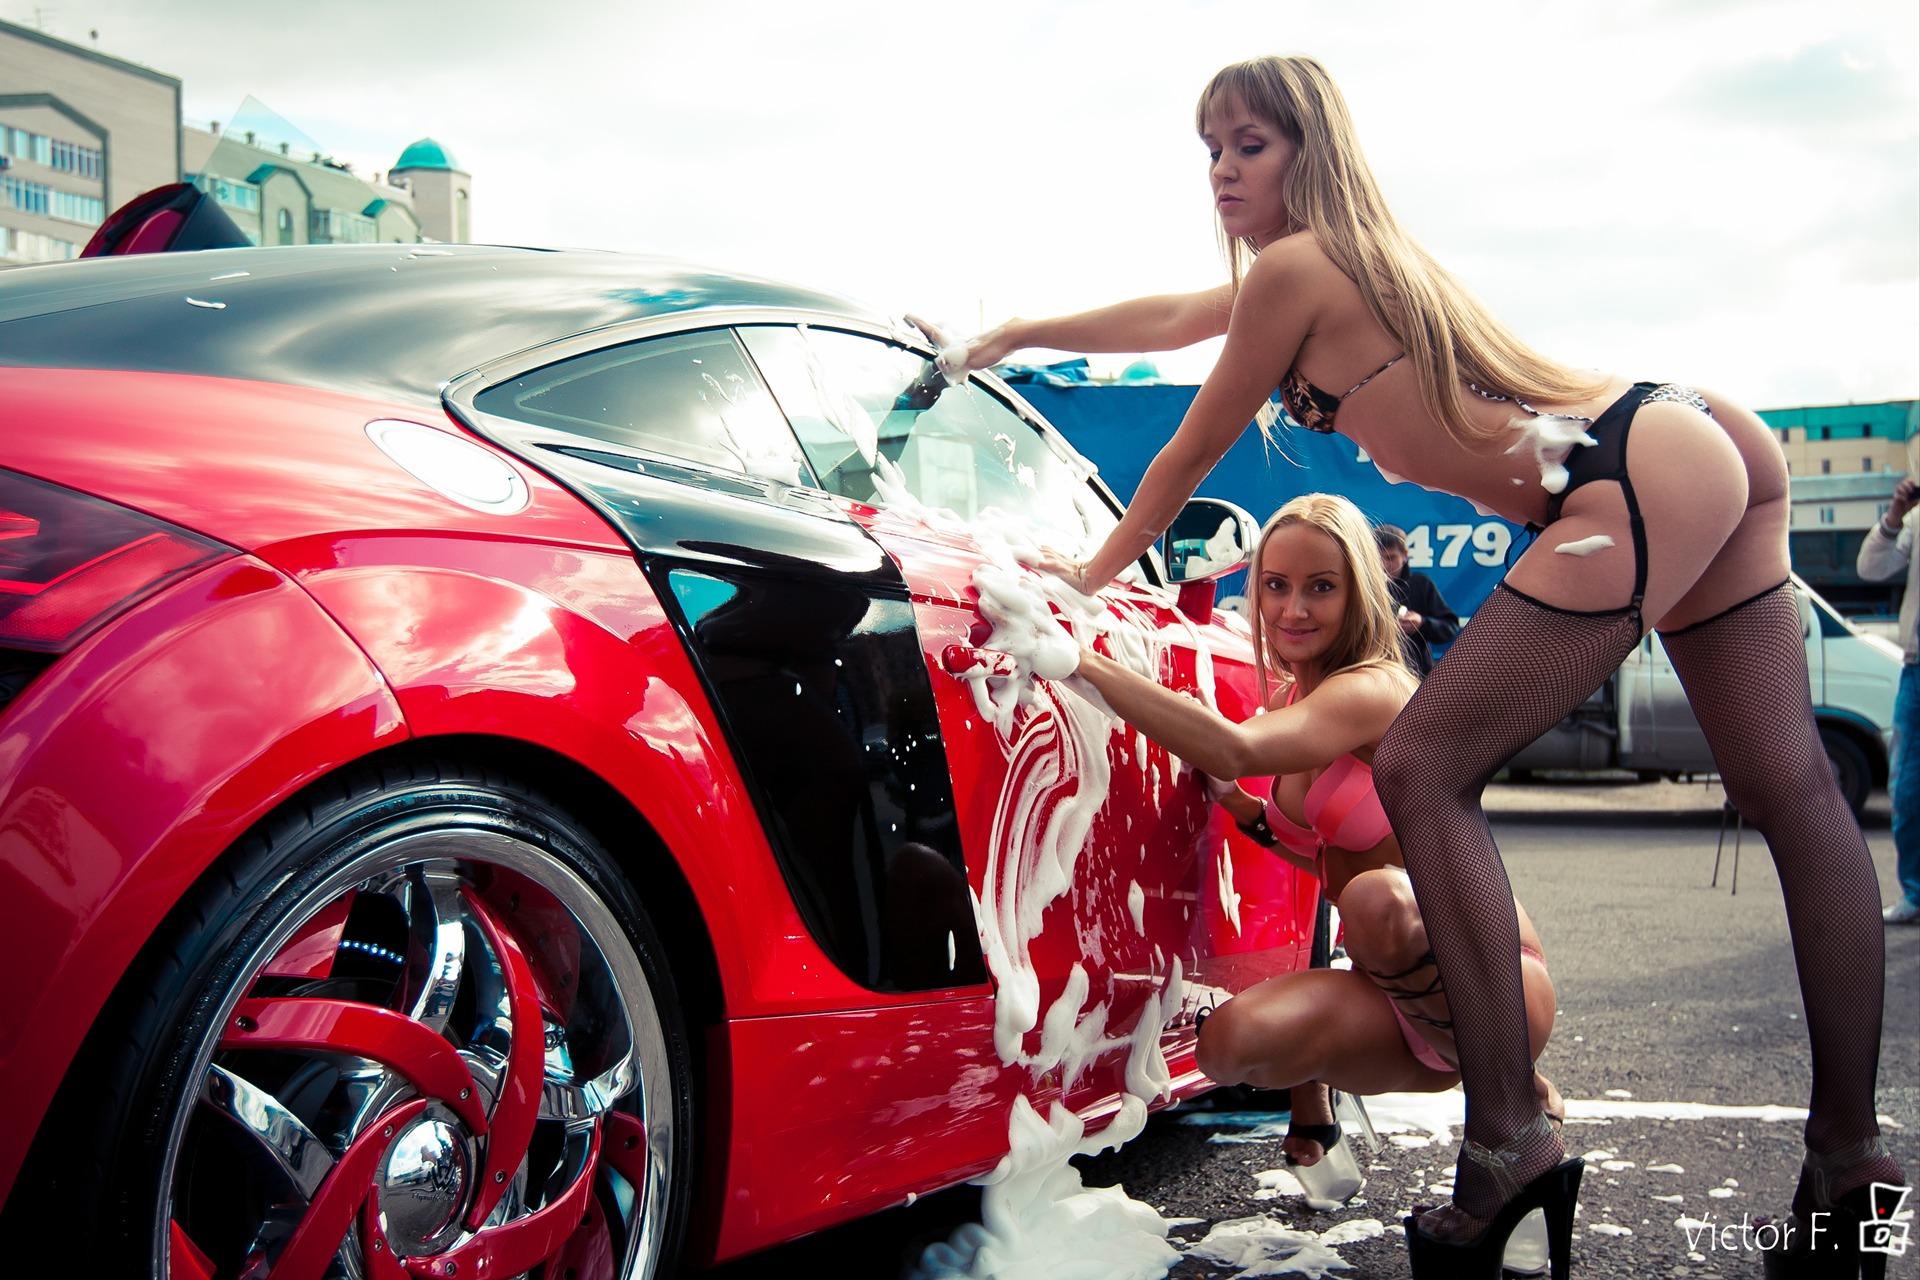 Сексуальные девушки возле машин 24 фотография